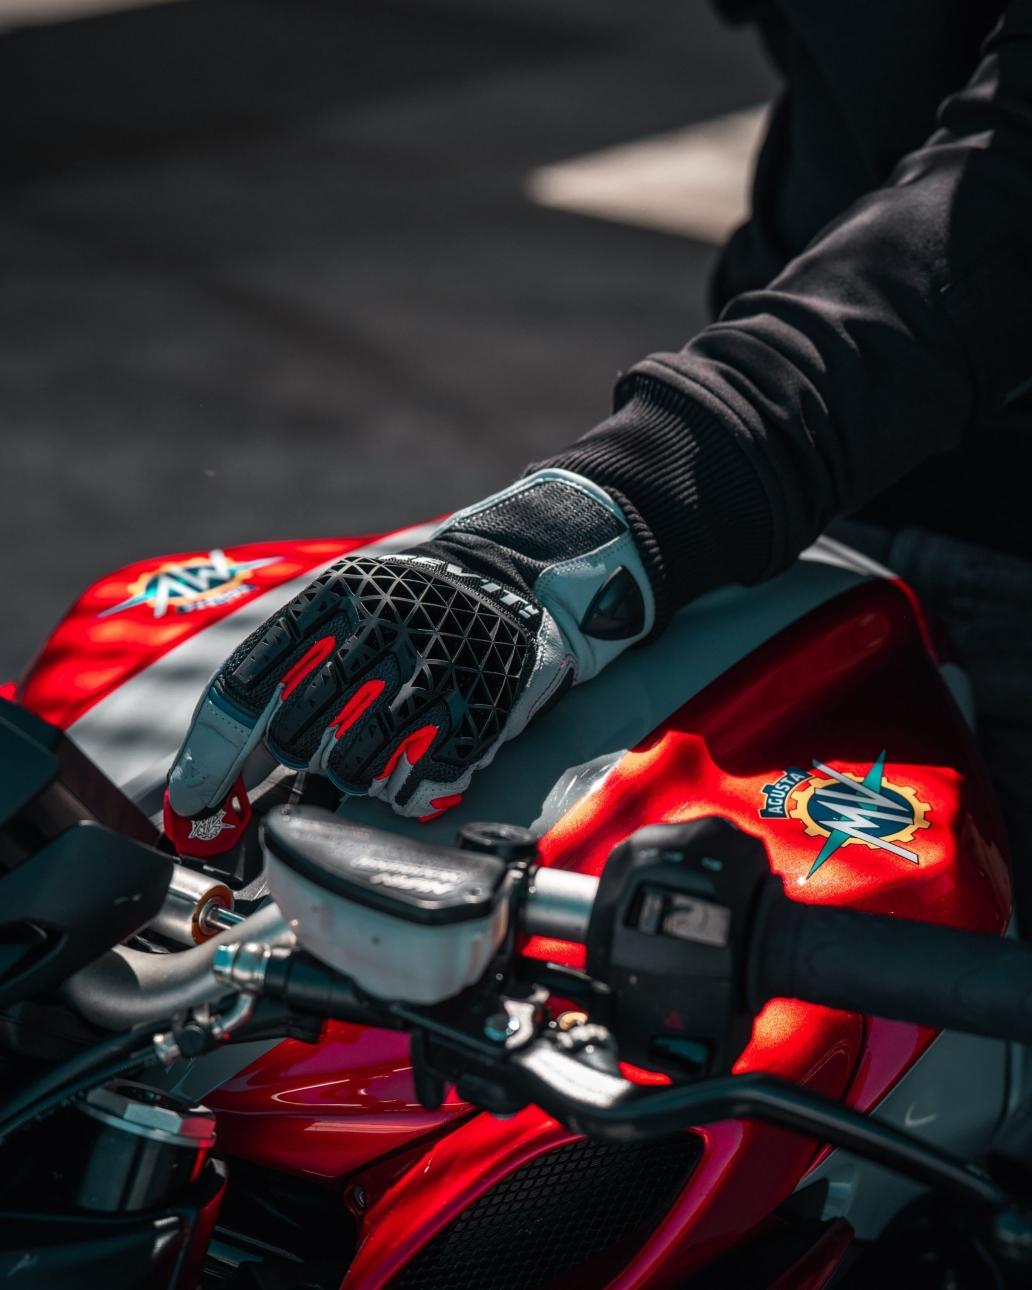 Zomer motorhandschoen, top 5 2021